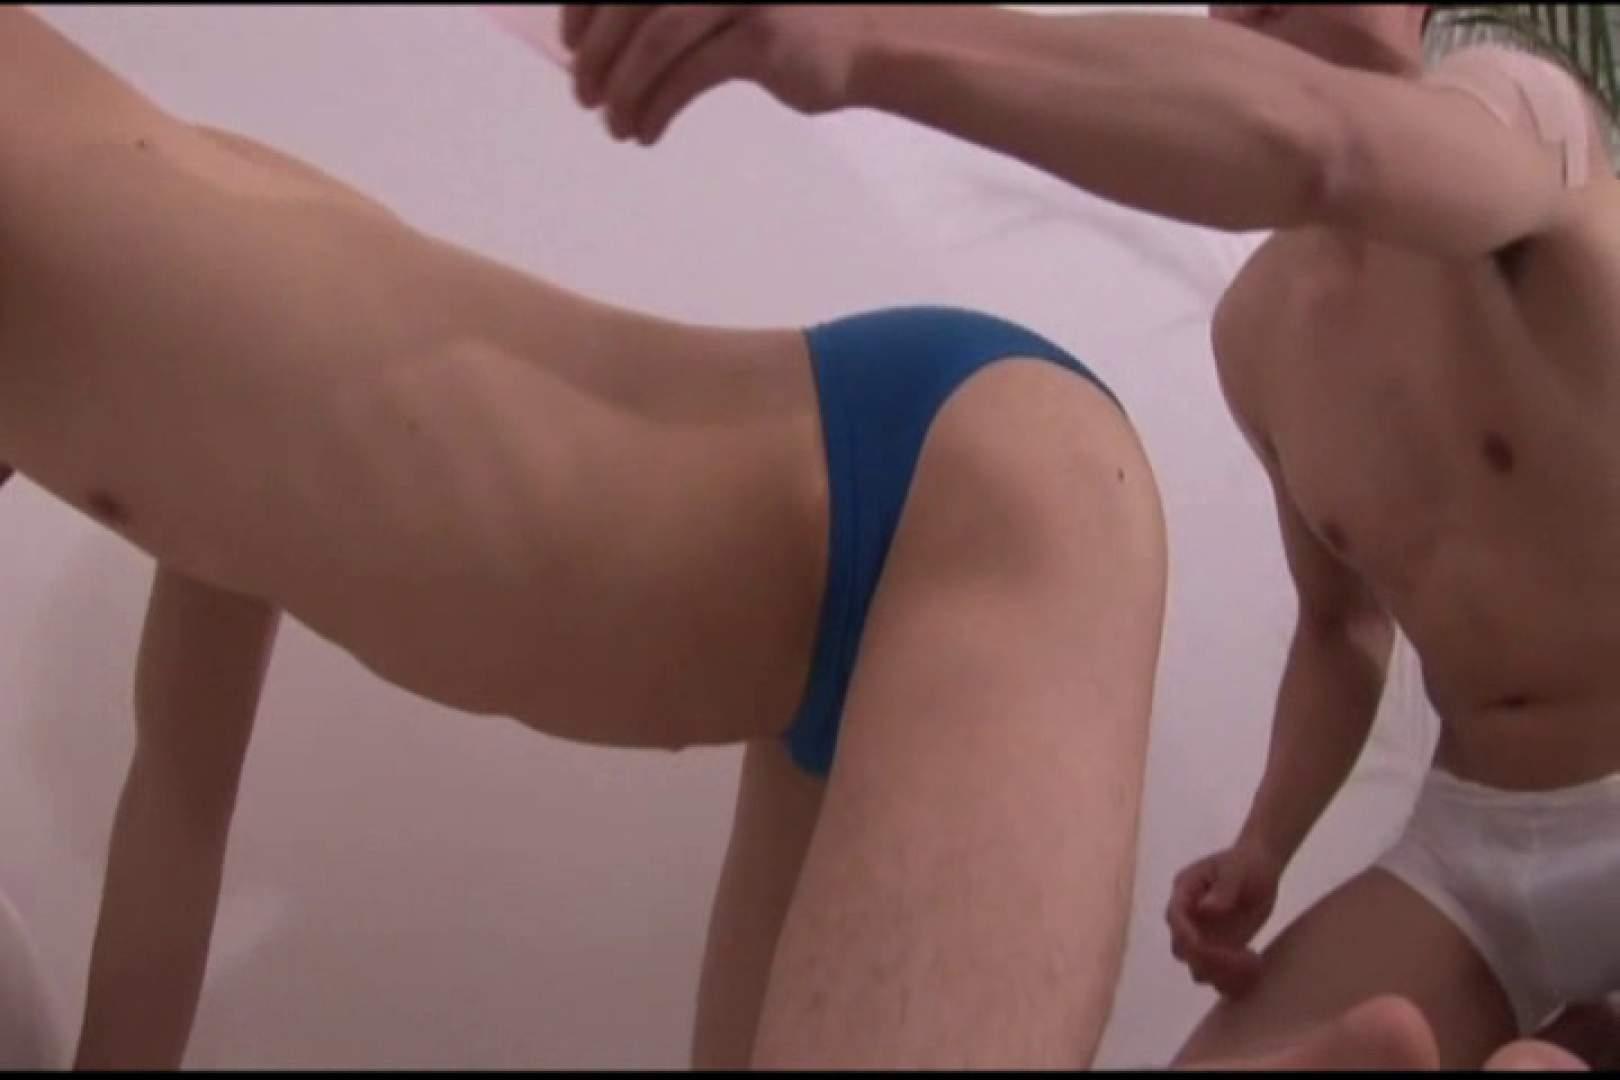 競パンに穴を開けられ...ズキュン! 水着男子 ゲイ精子画像 63枚 29